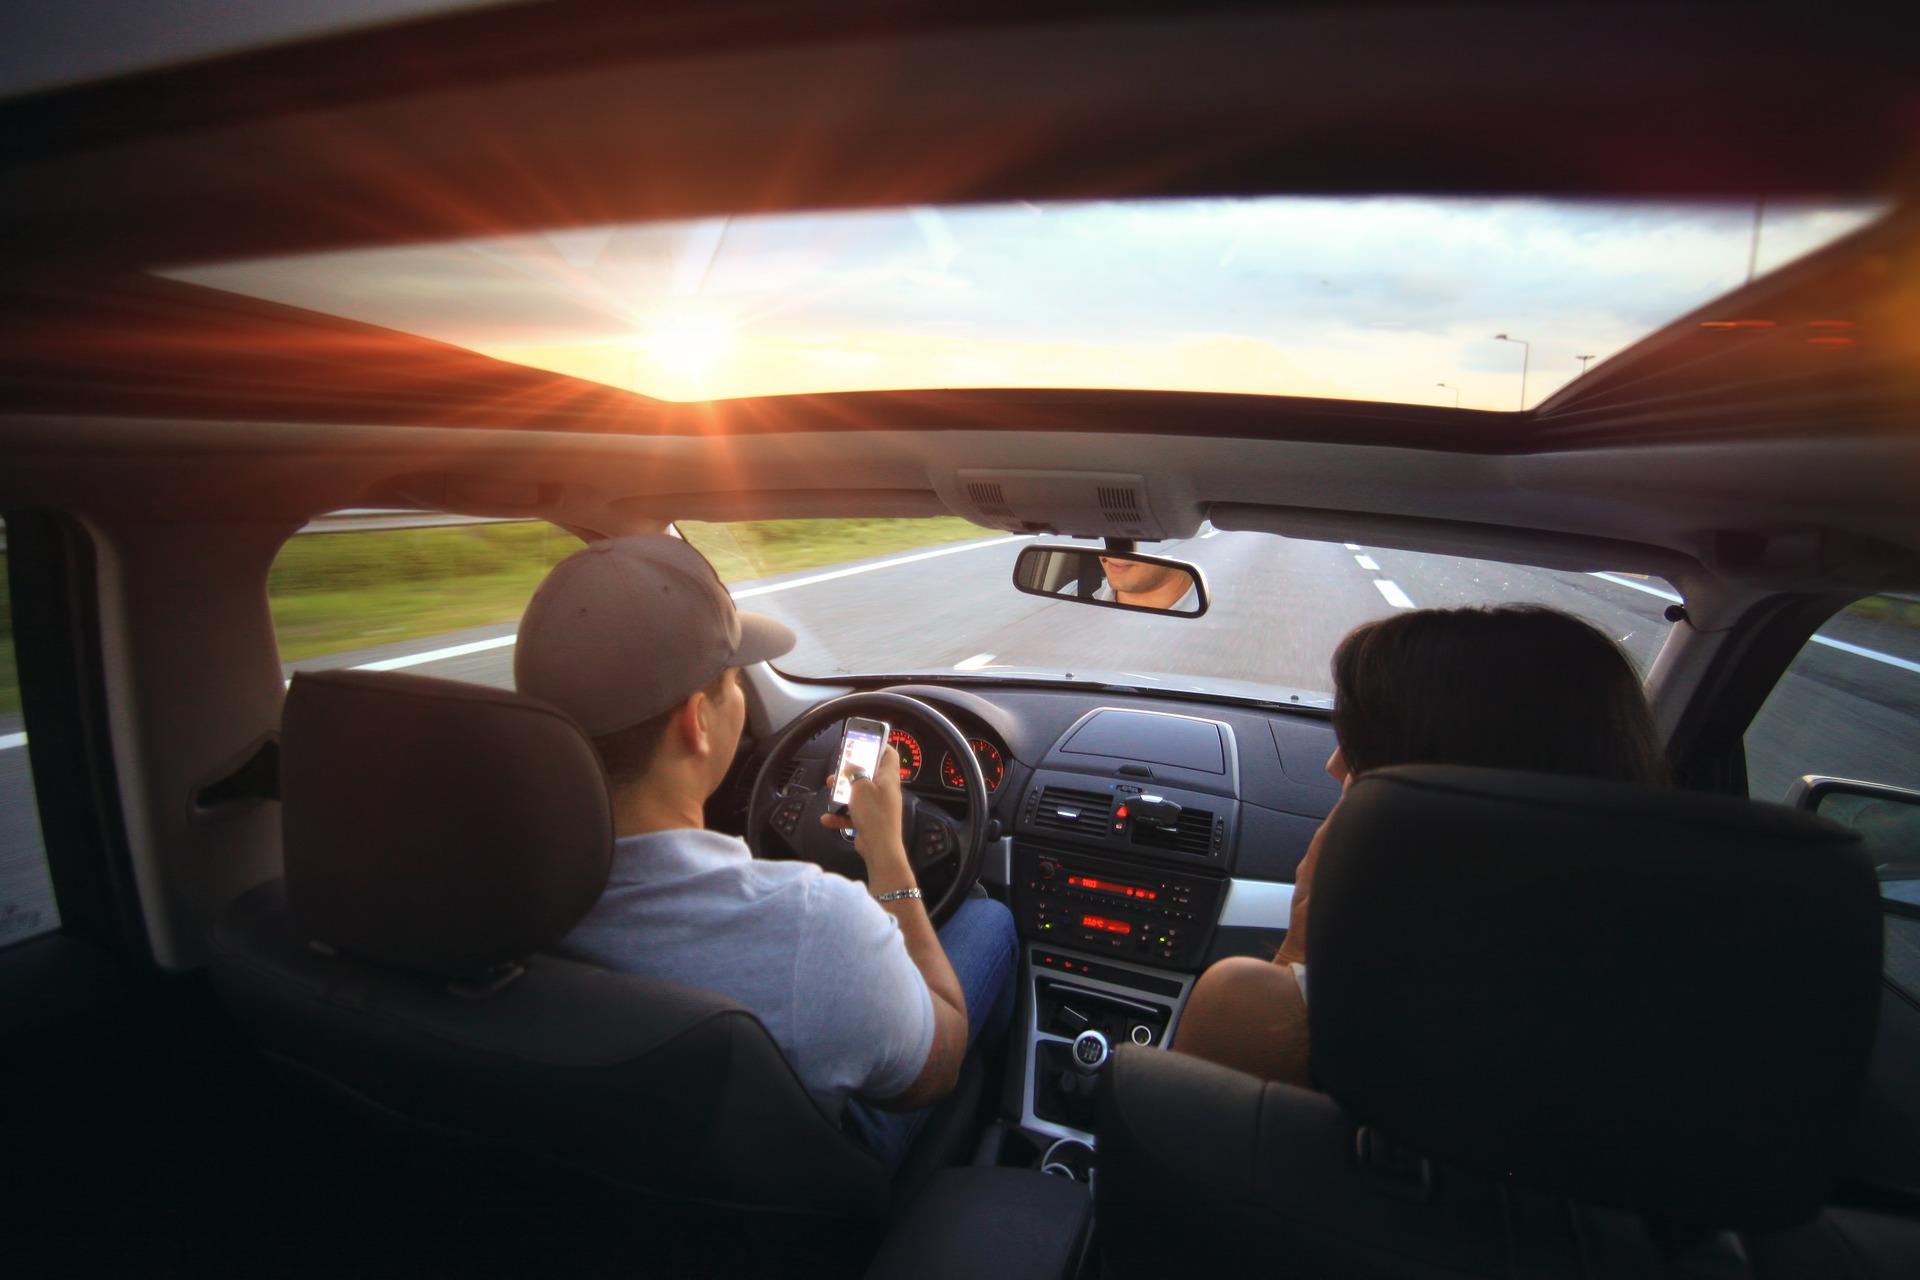 lLo studio legale acp per il risarcimento danni da sinistro stradale per il terzo trasportato